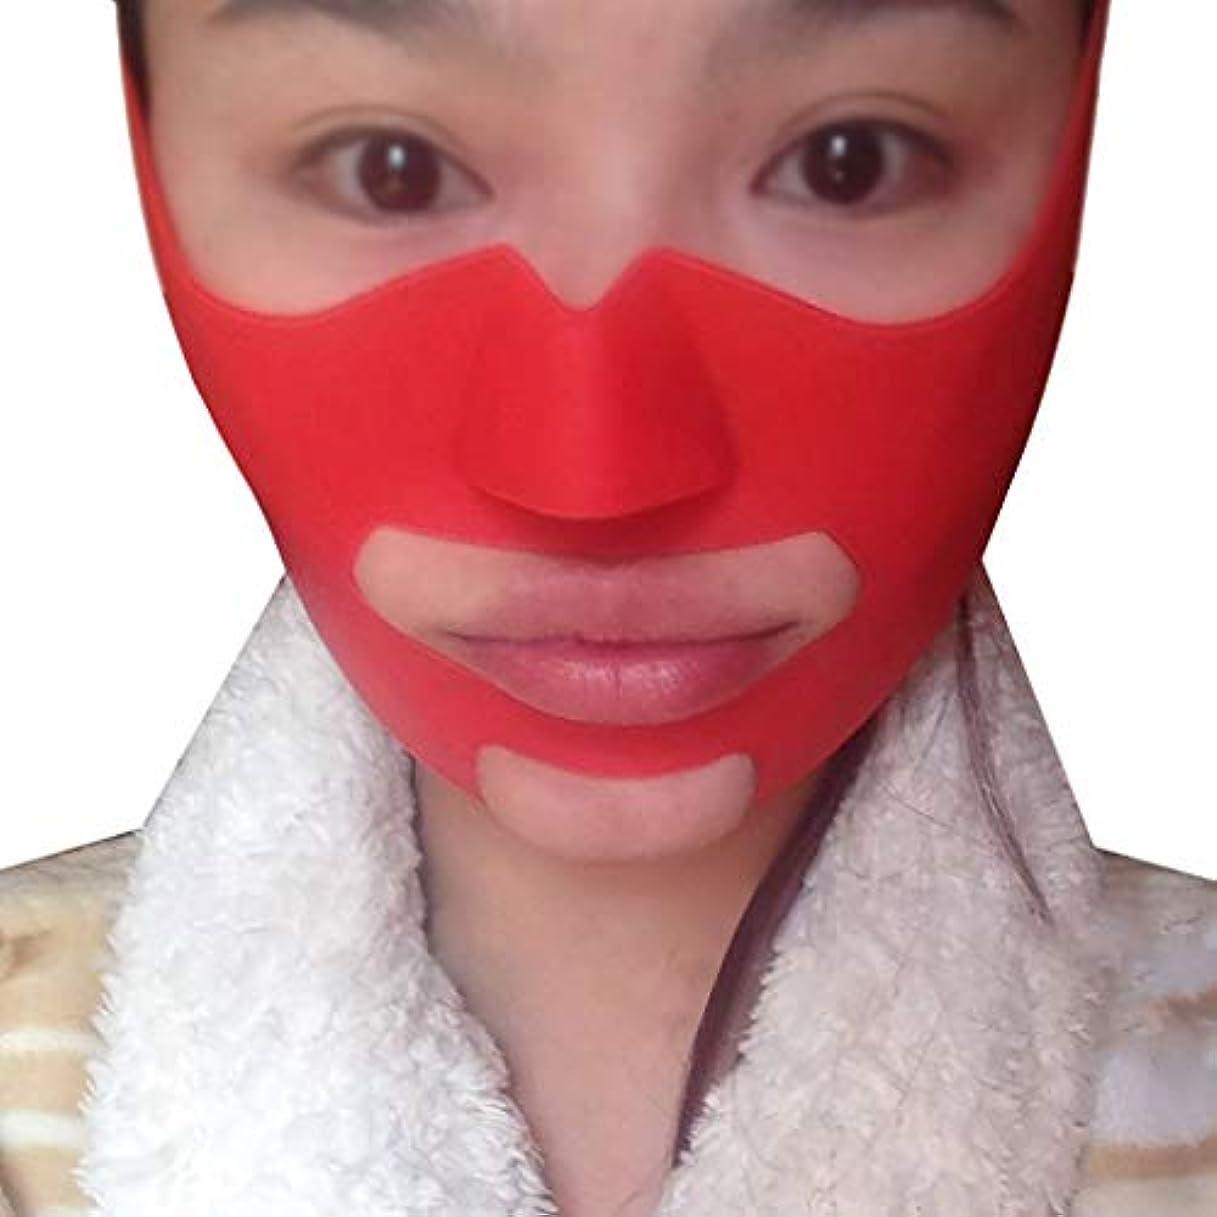 成功値魅力的であることへのアピールTLMY 薄いフェイスマスクシリコーンVマスクマスク強い痩身咬合筋肉トレーナーアップル筋肉法令パターンアーティファクト小さなVフェイス包帯薄いフェイスネックリフト 顔用整形マスク